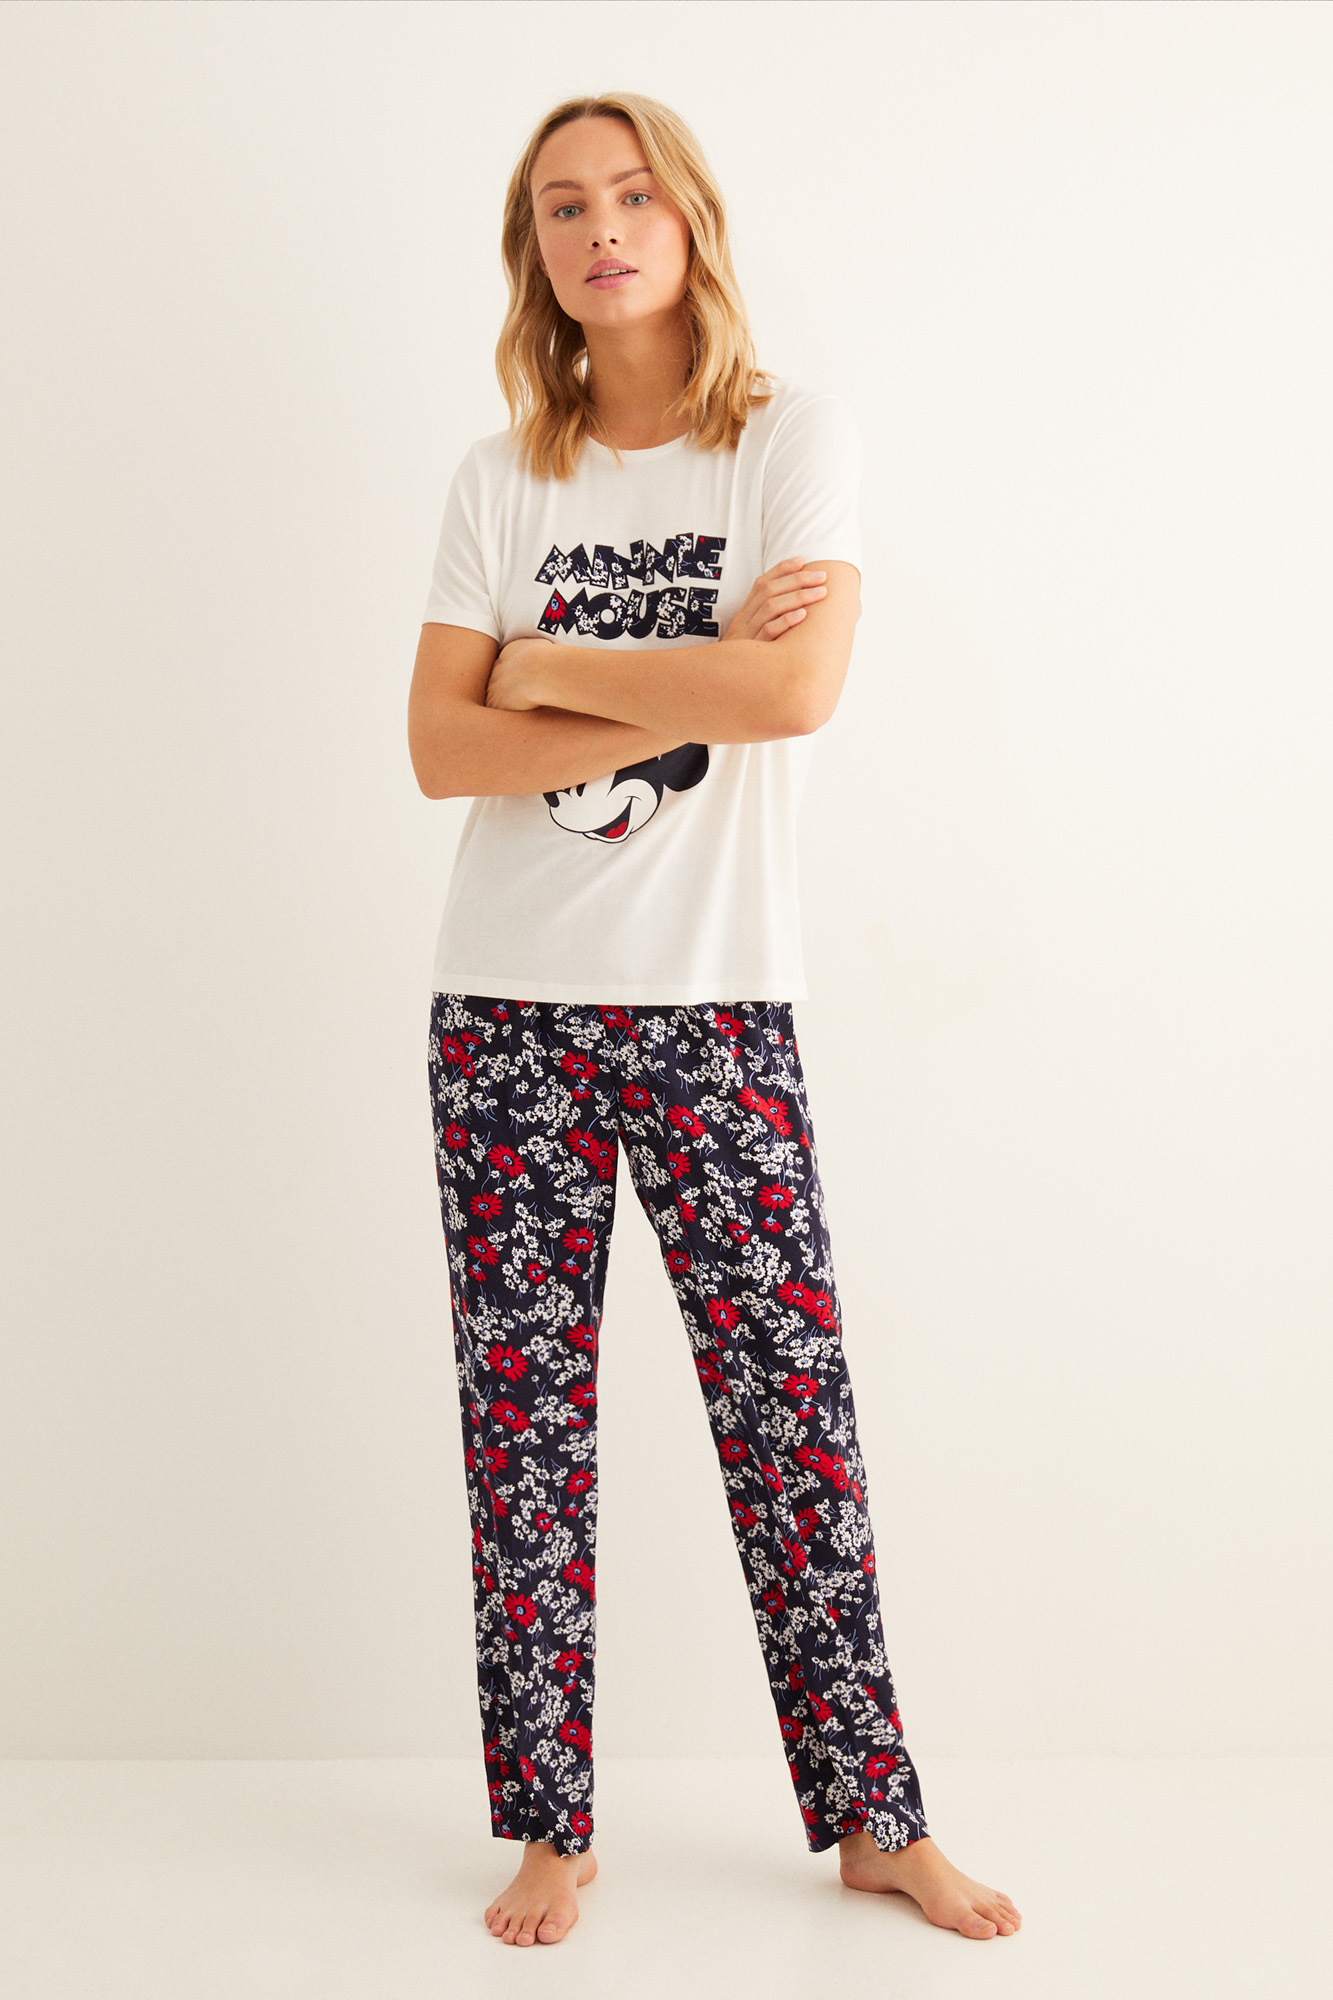 Pijama largo Minnie flores | Pijamas largos | Women'secret